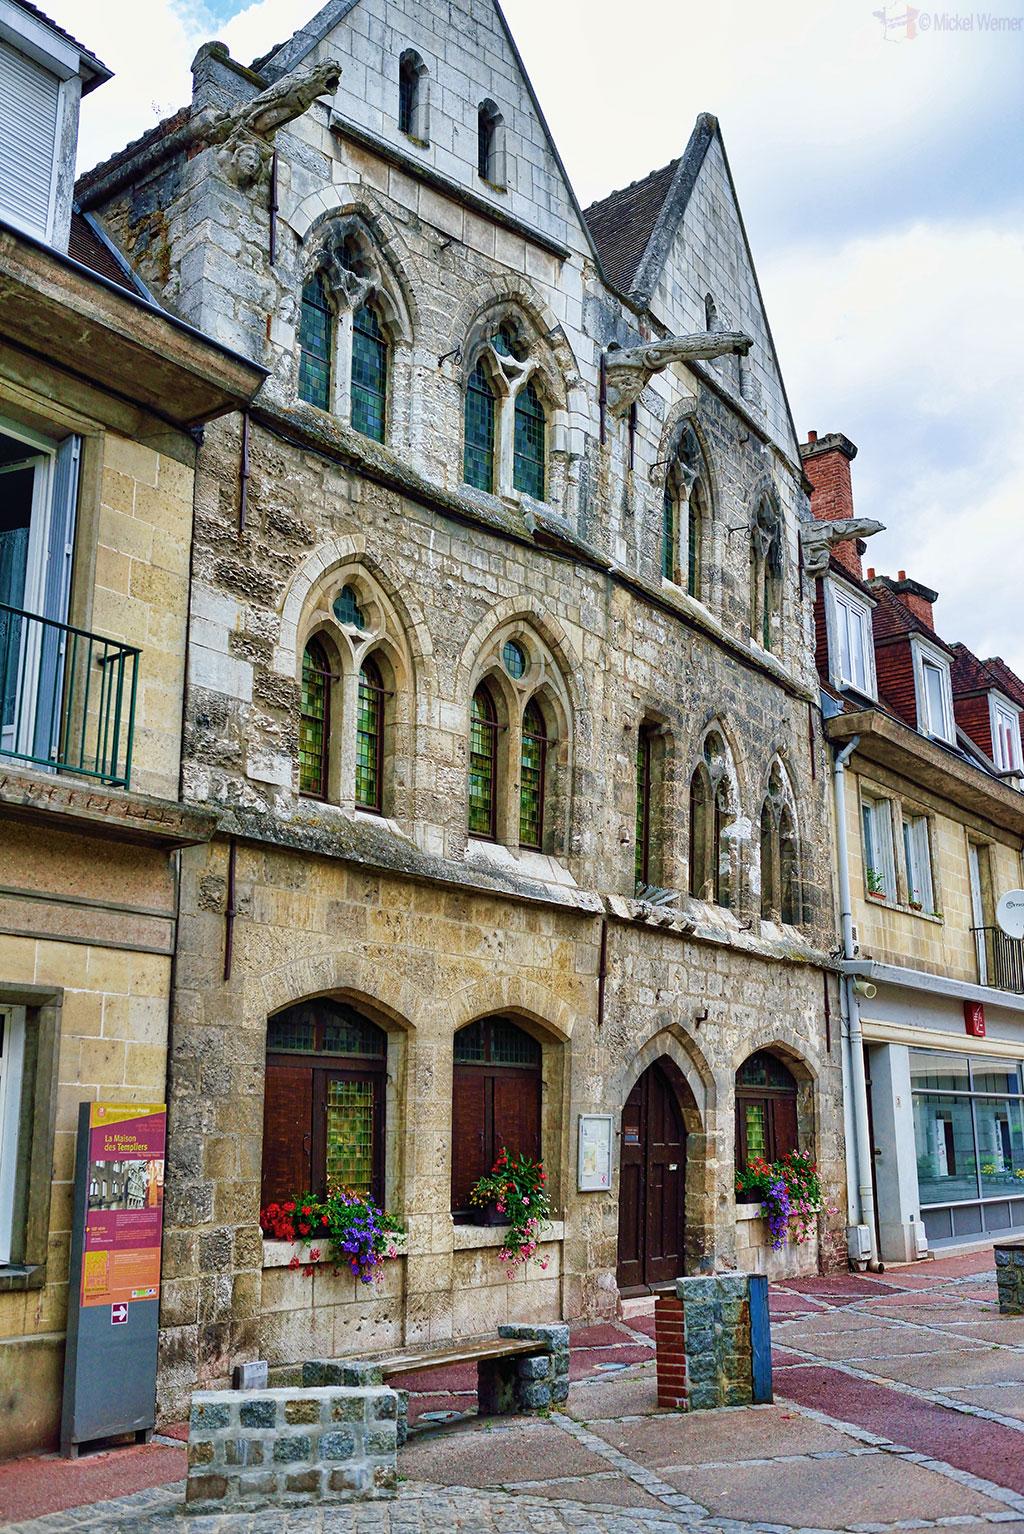 Templars' House in Caudebec-en-Caux